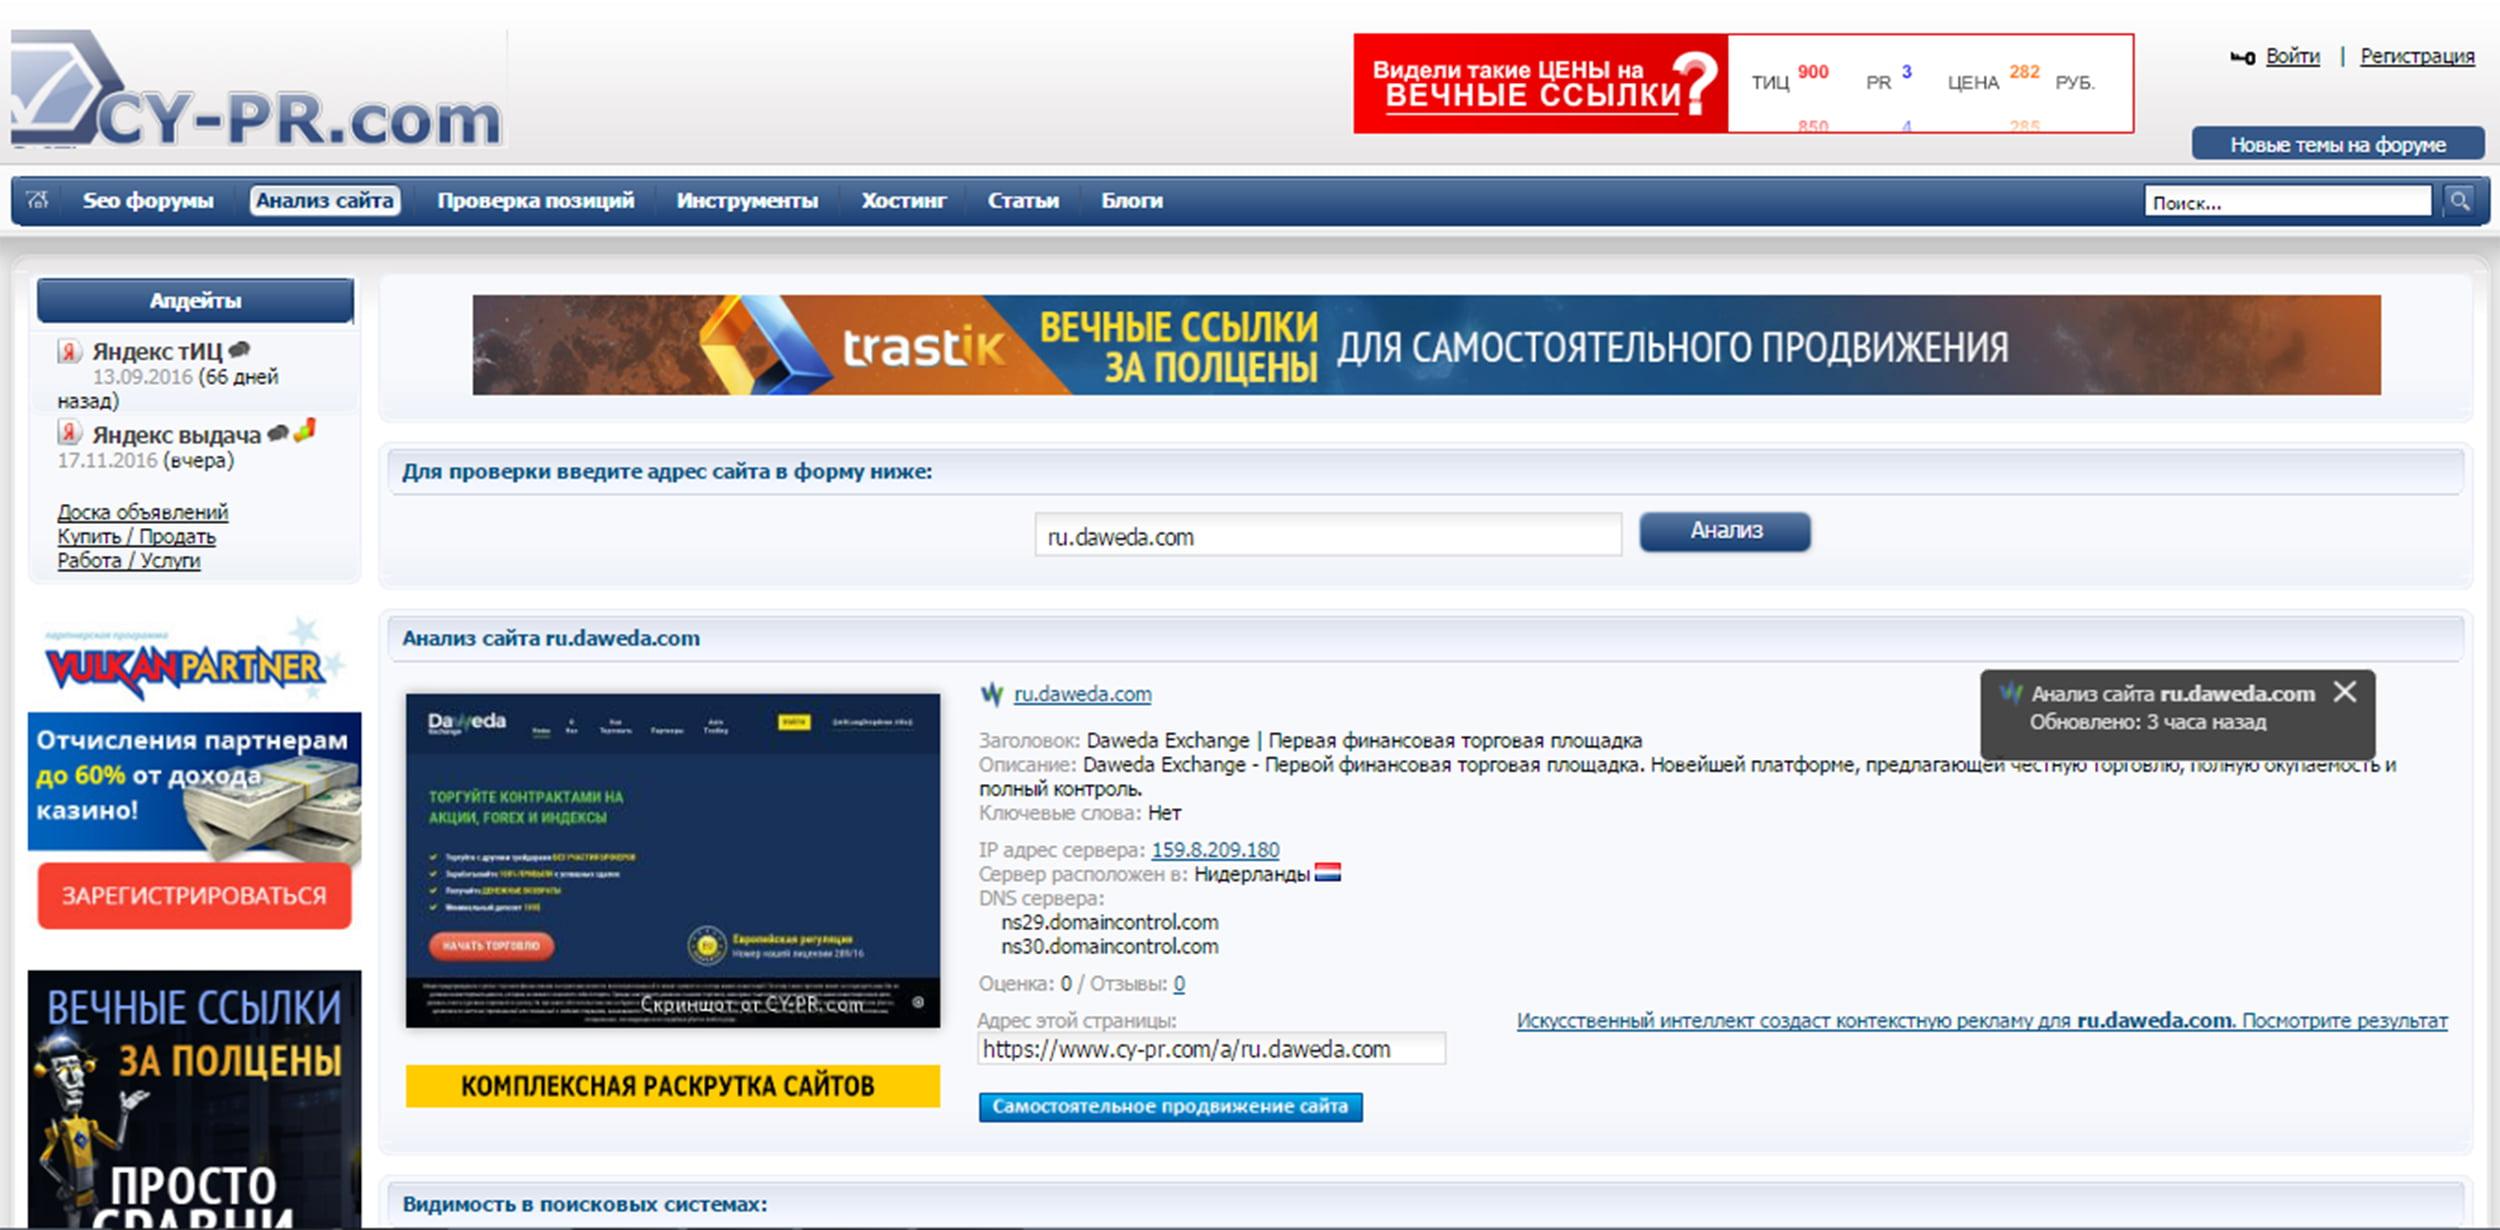 Посетим ресурс cy-pr.com и посмотрим техническую информацию о Daweda Exchange ltd